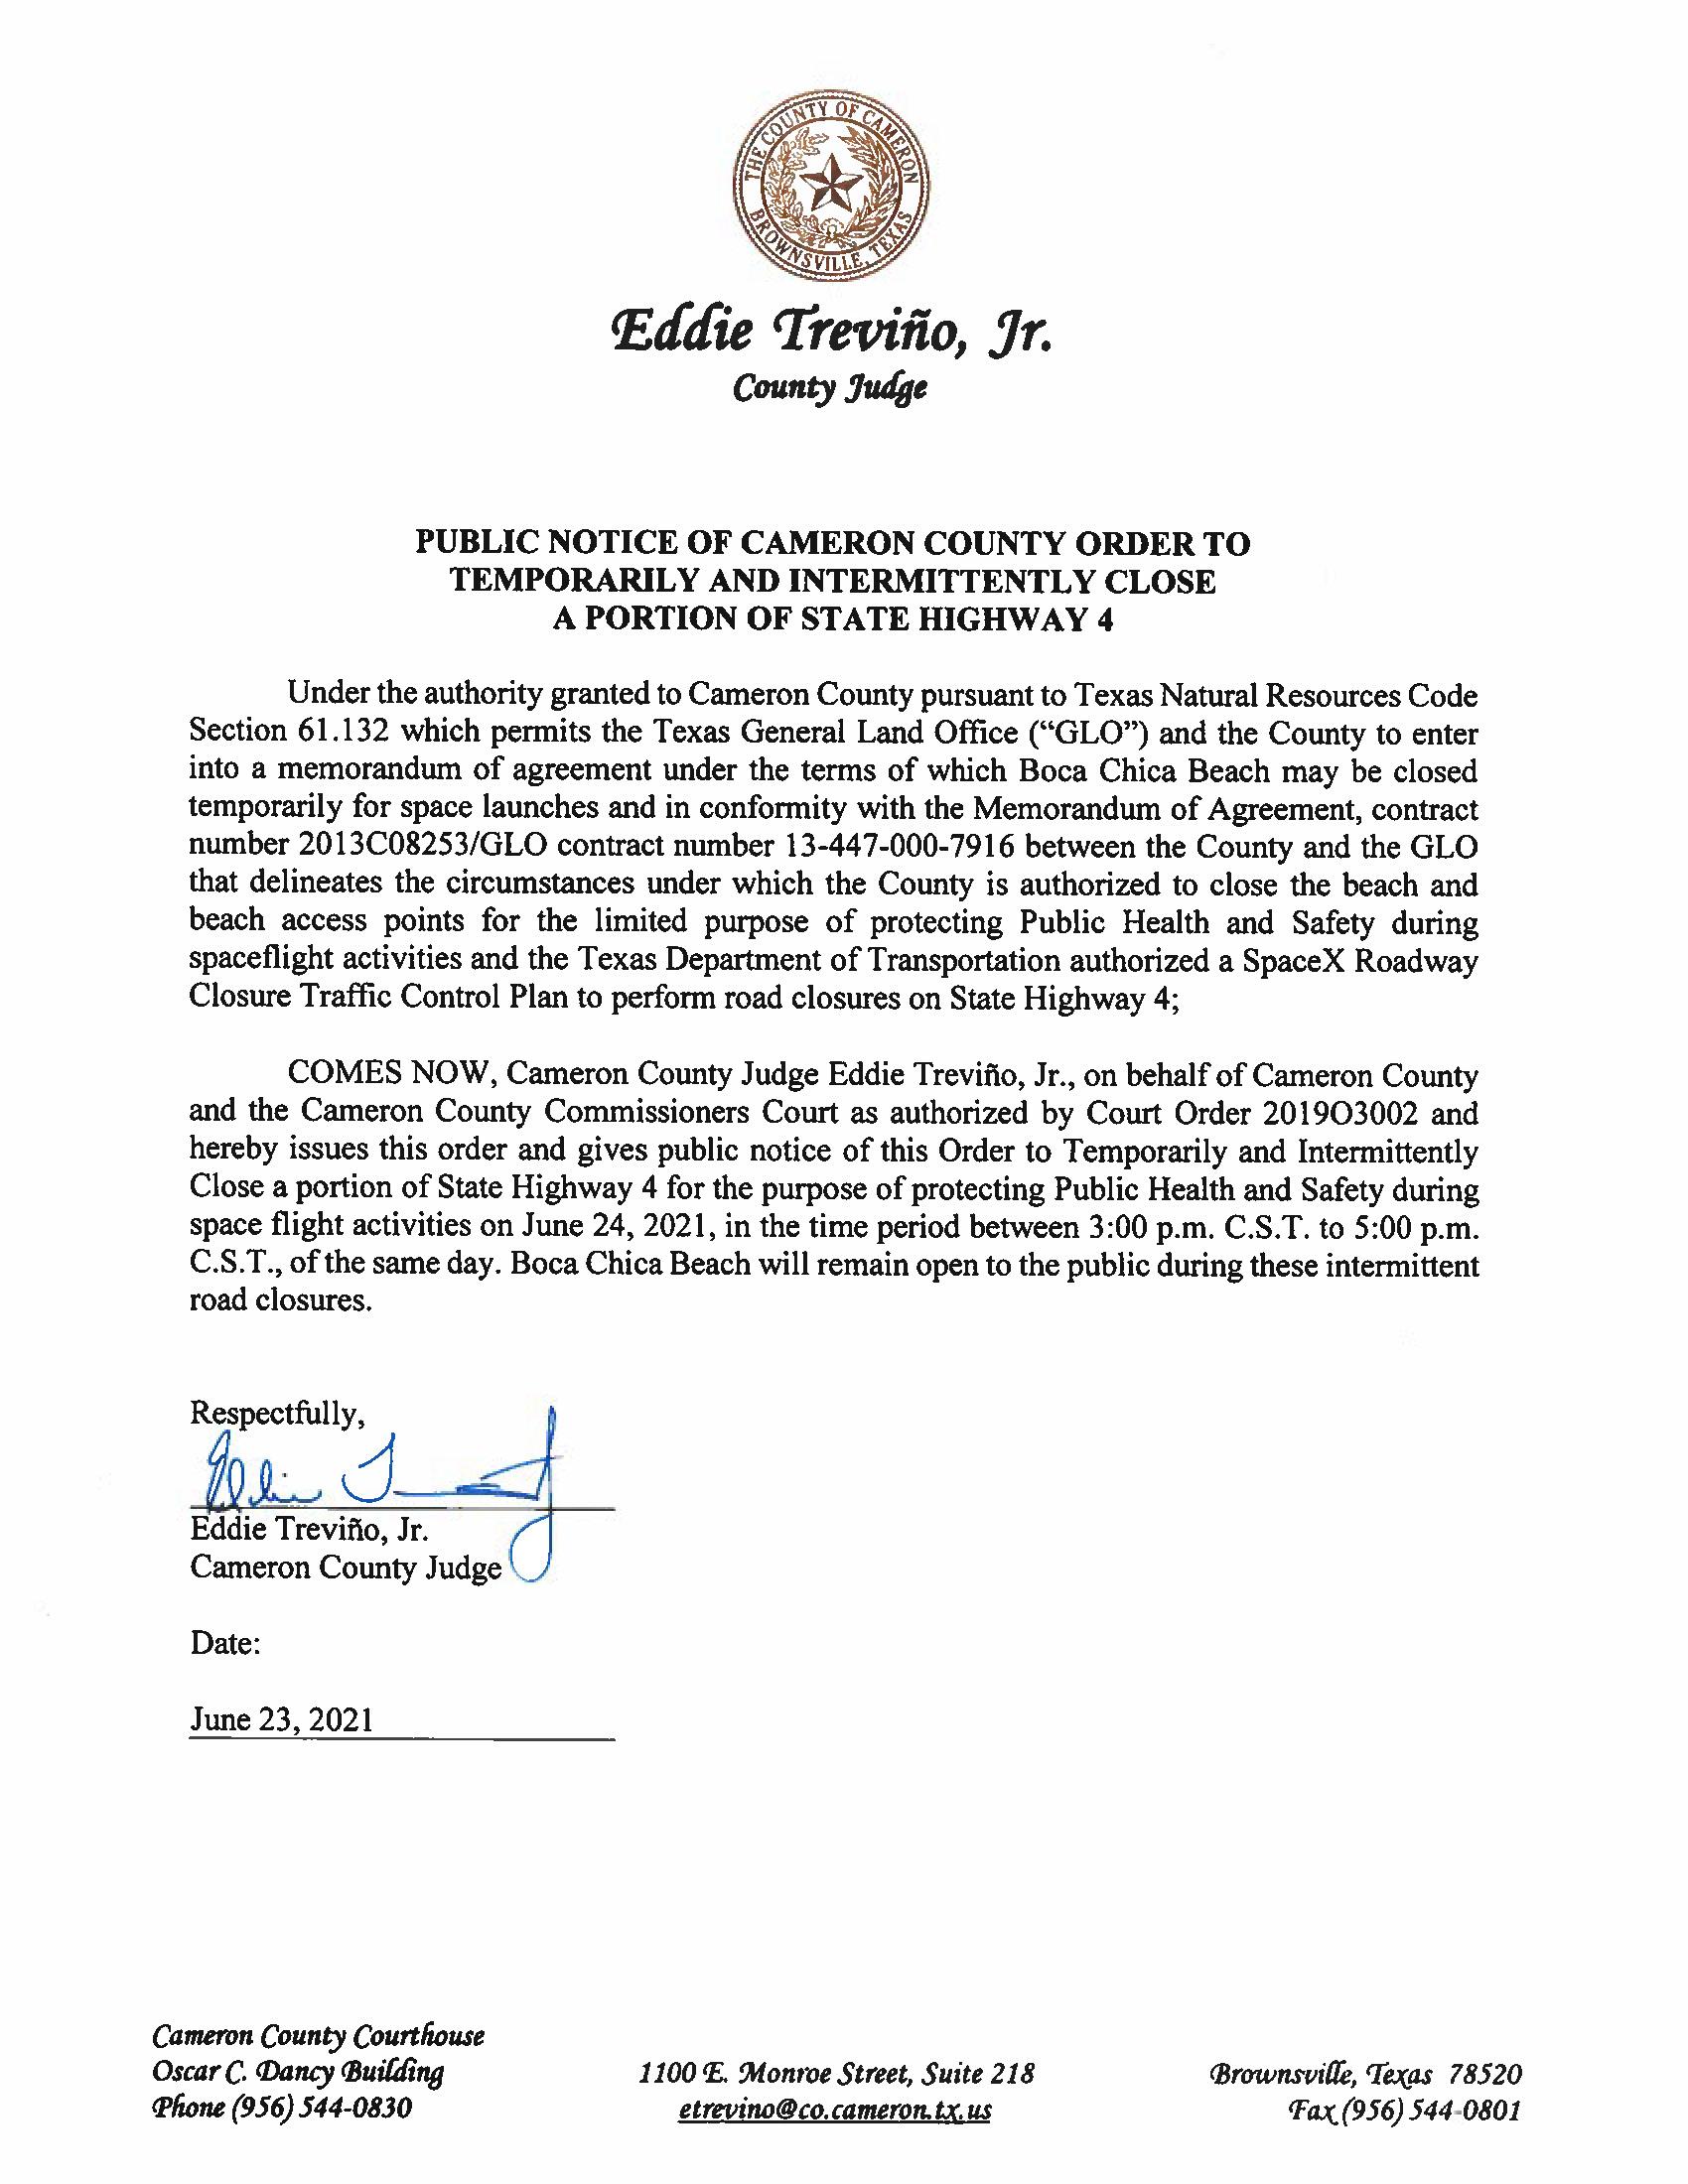 PUBLIC NOTICE OF CAMERON COUNTY ORDER TEMP. ROAD CLOSURE. 06.24.2021